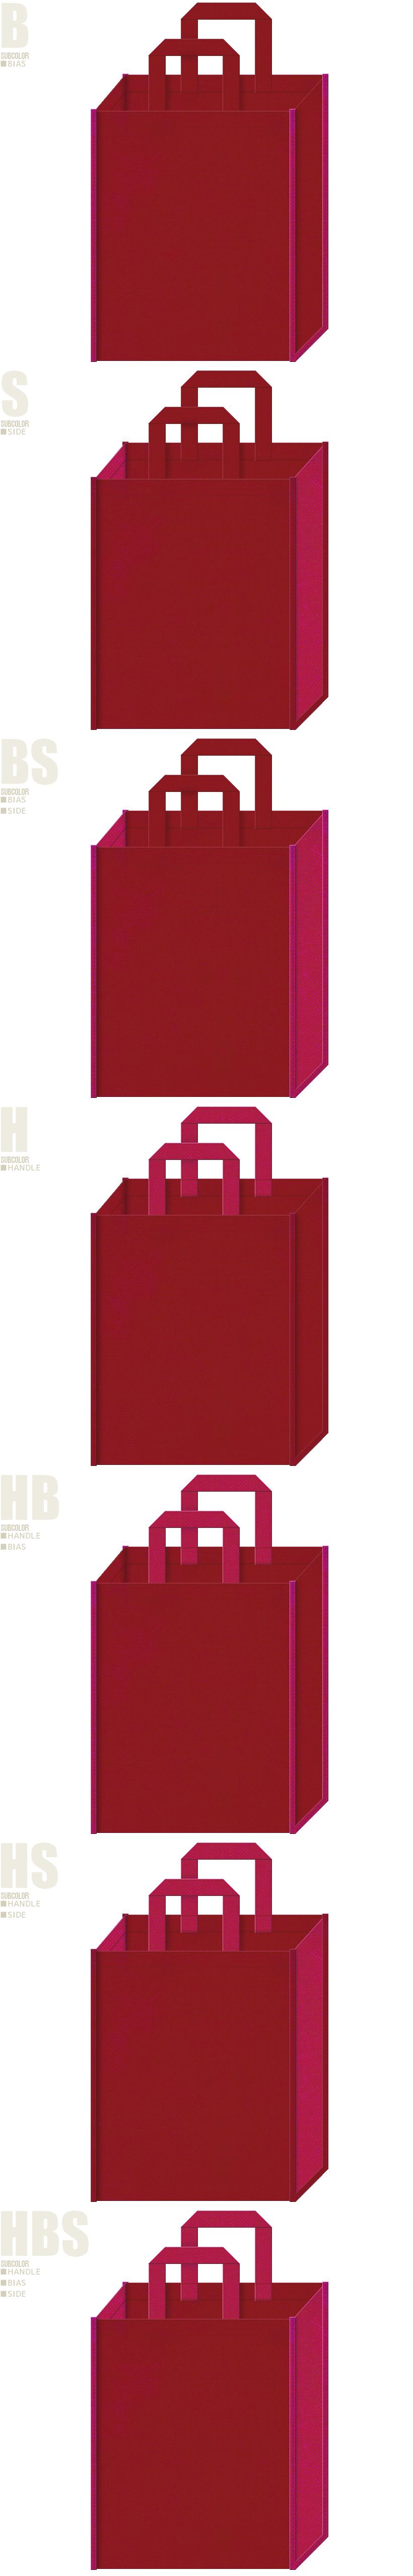 エンジ色と濃いピンク色、7パターンの不織布トートバッグ配色デザイン例。着物・振袖・着付け教室等の和風イベントにお奨めです。